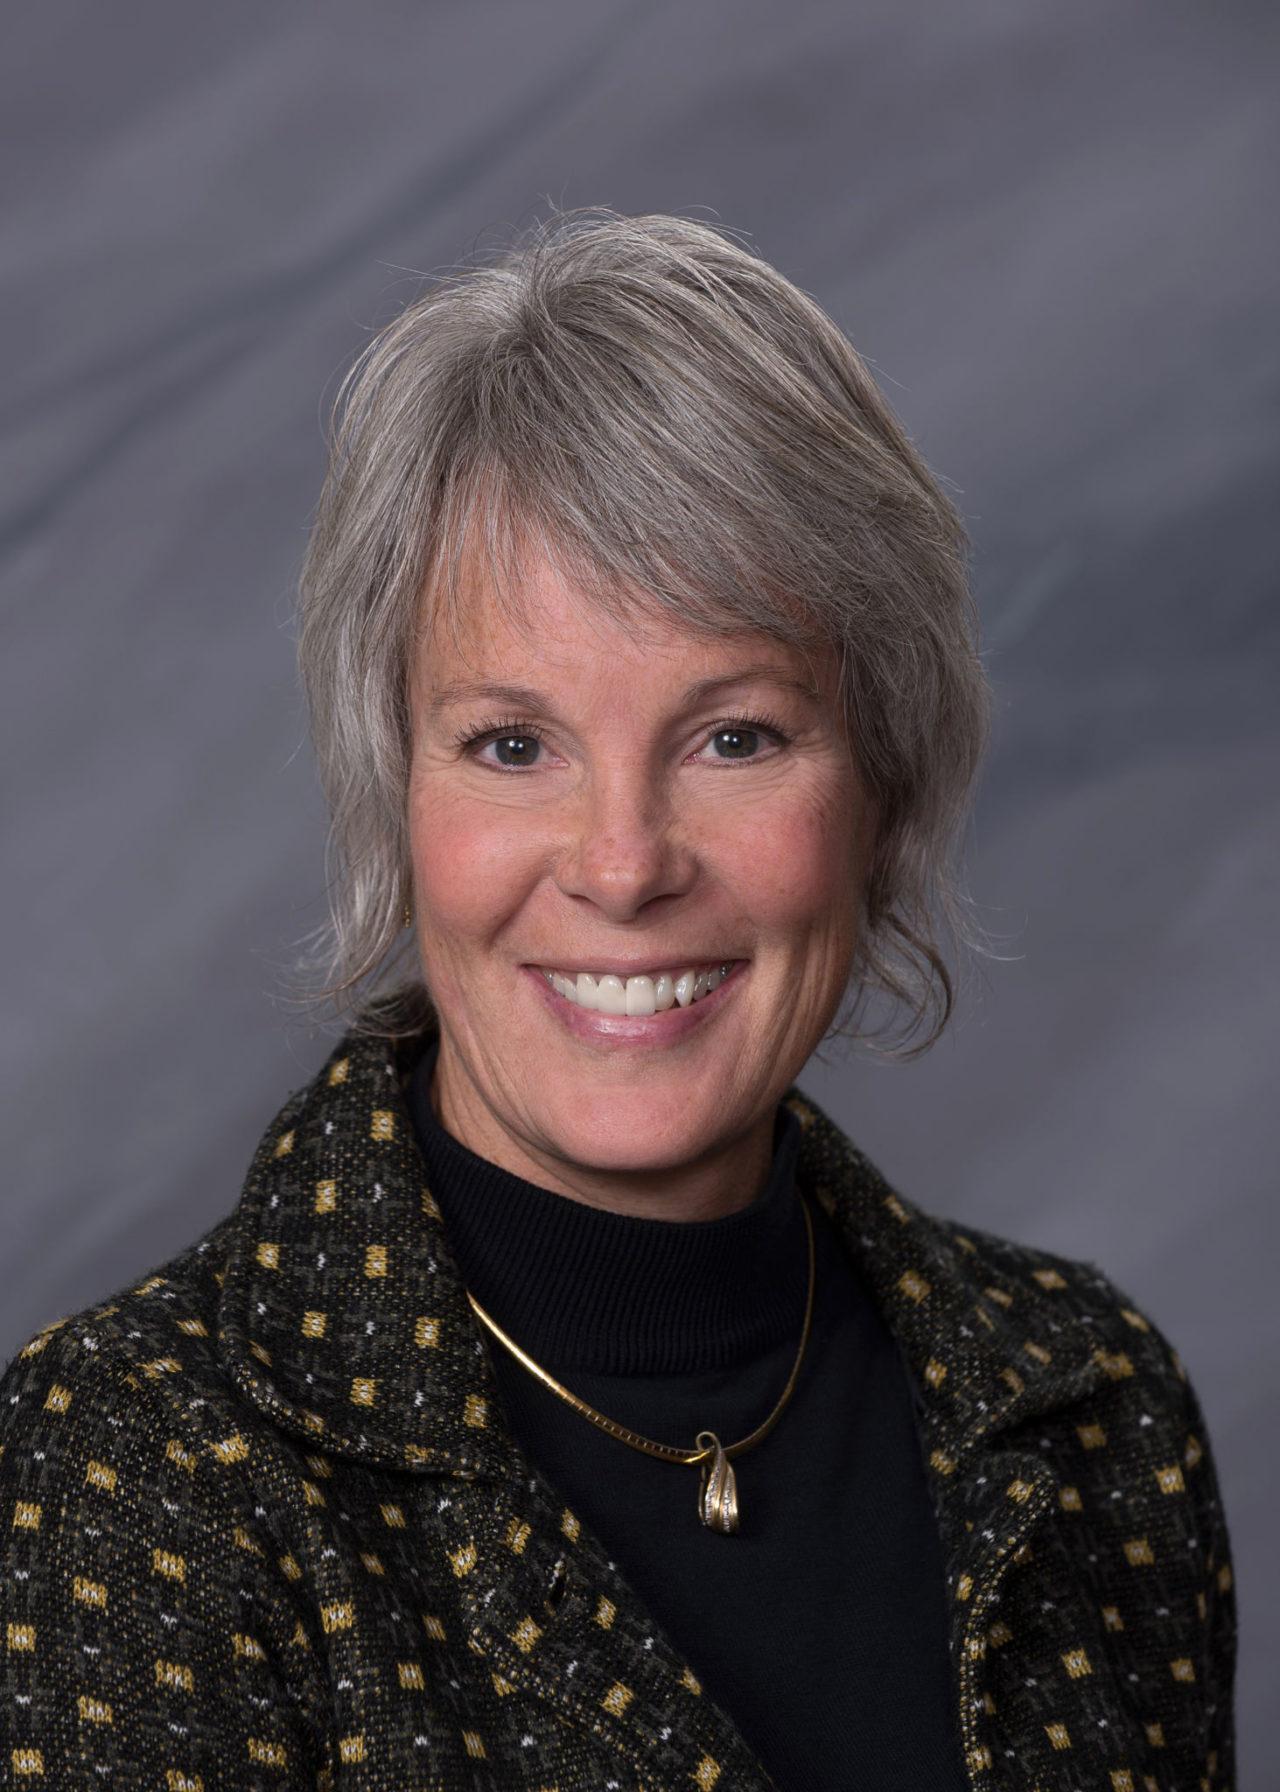 Denise-Webster-headshot-1280x1792.jpg